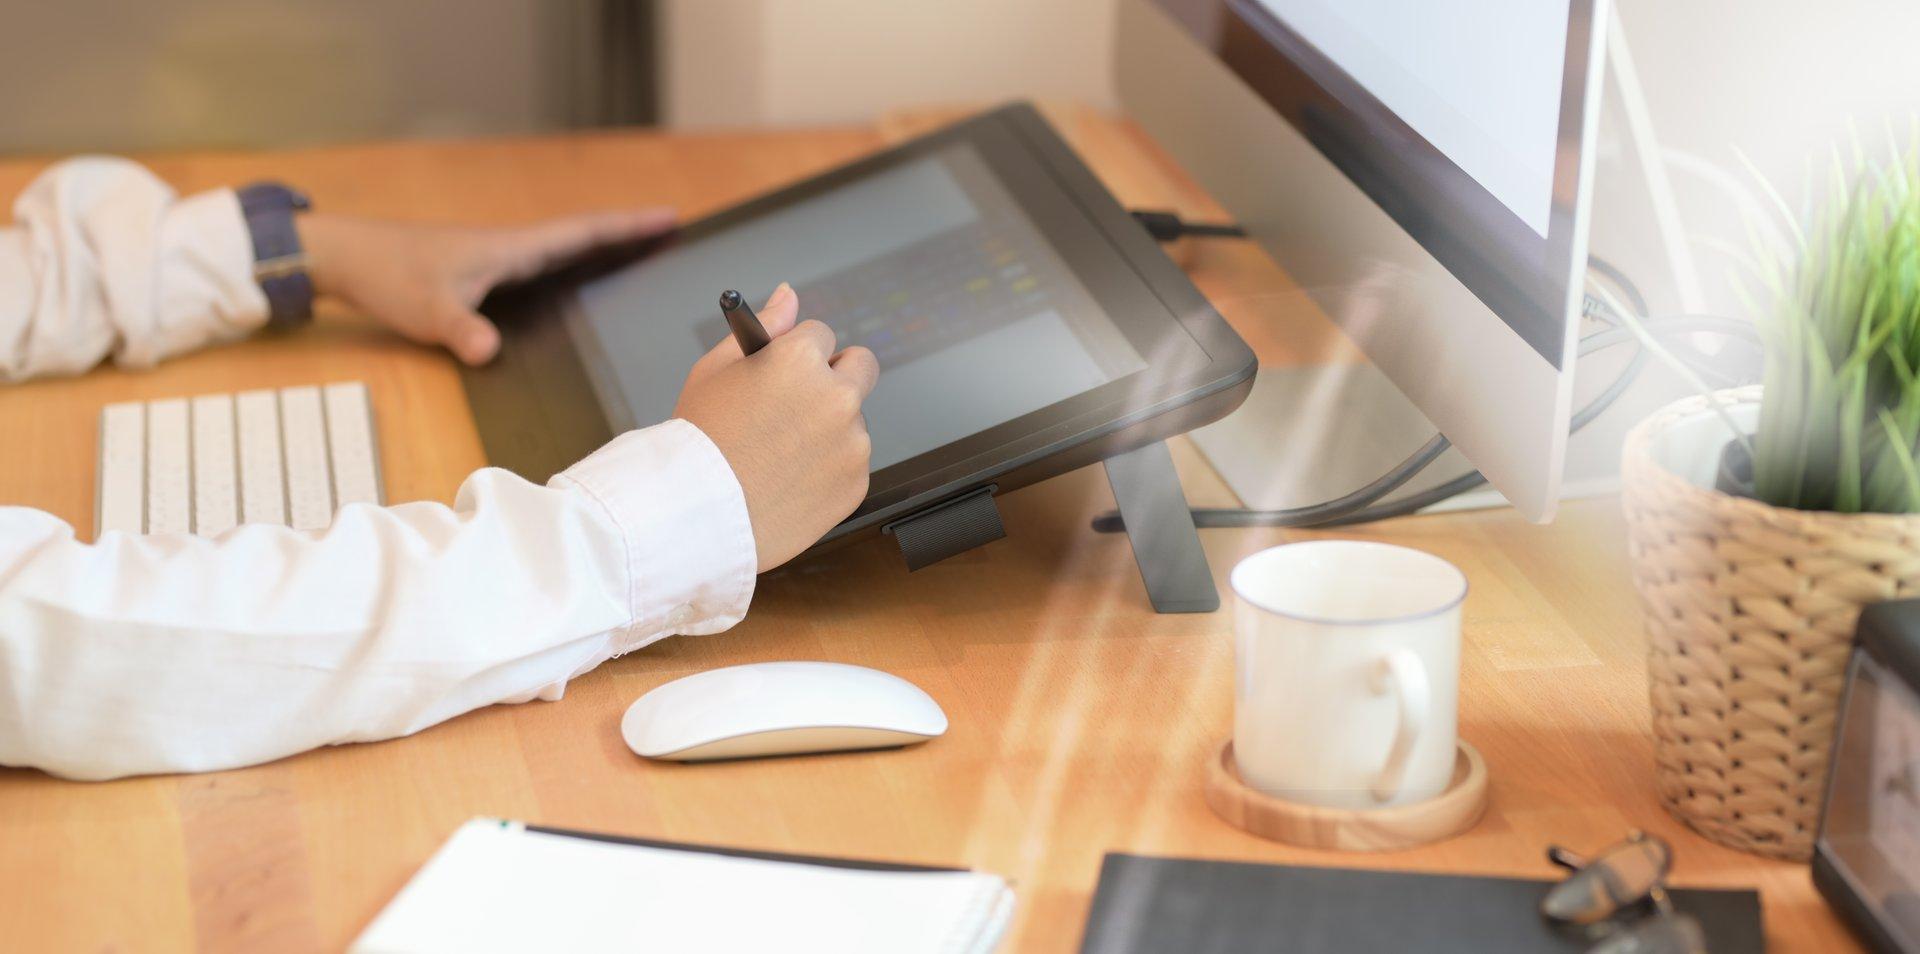 Los fallos de seguridad IoT también pueden entregar el control de los dispositivos conectados a los ciberdelincuentes.